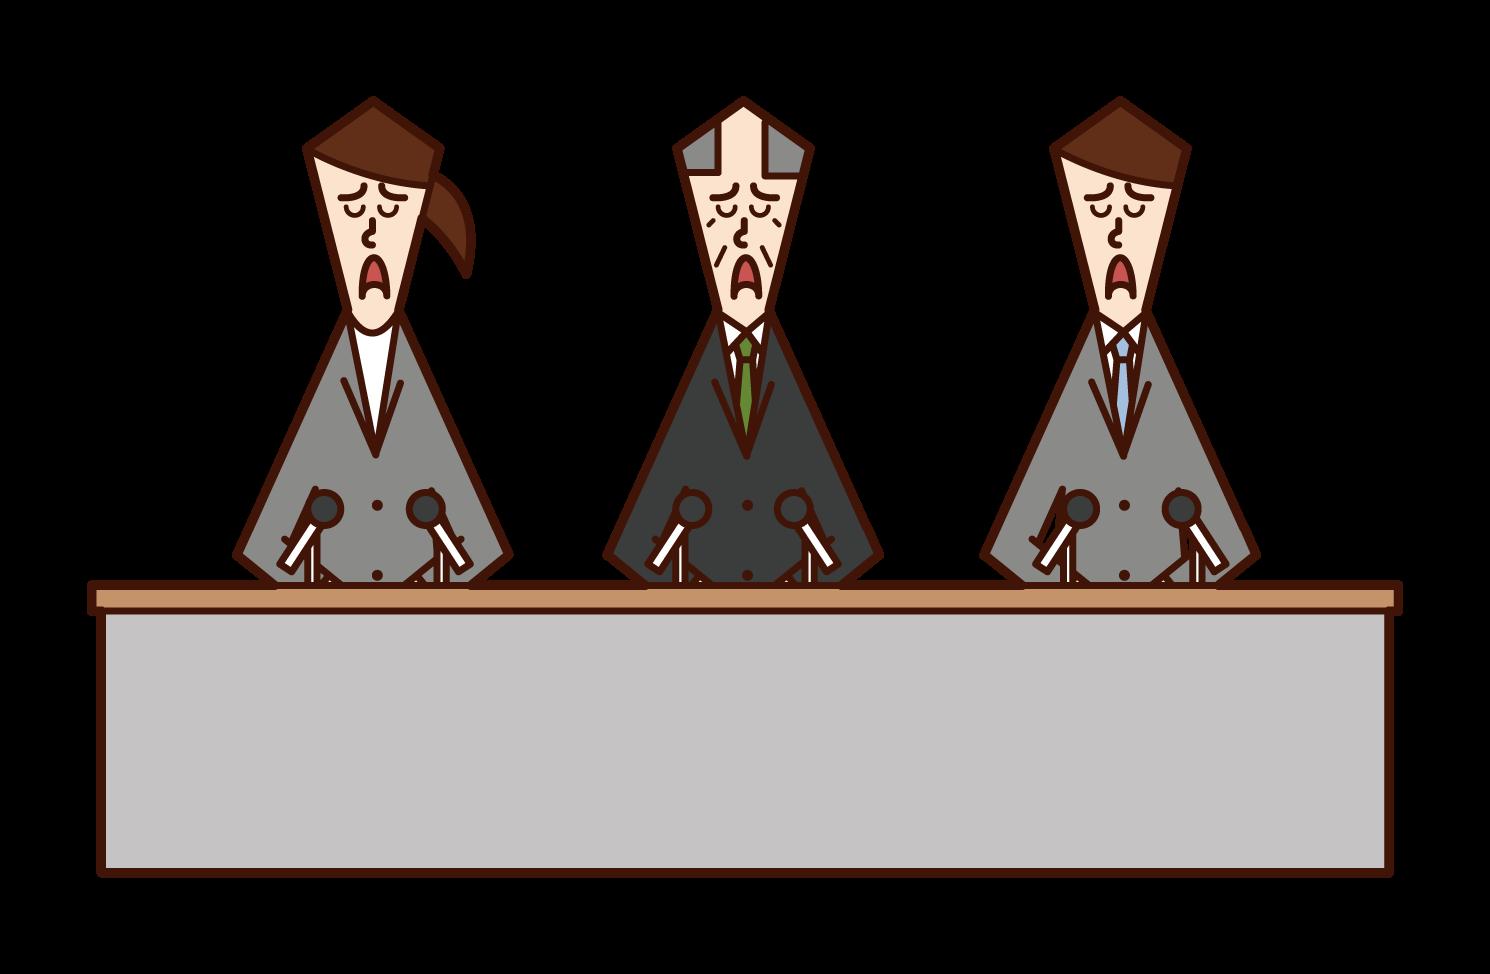 기자회견을 하는 사람(여성)의 일러스트